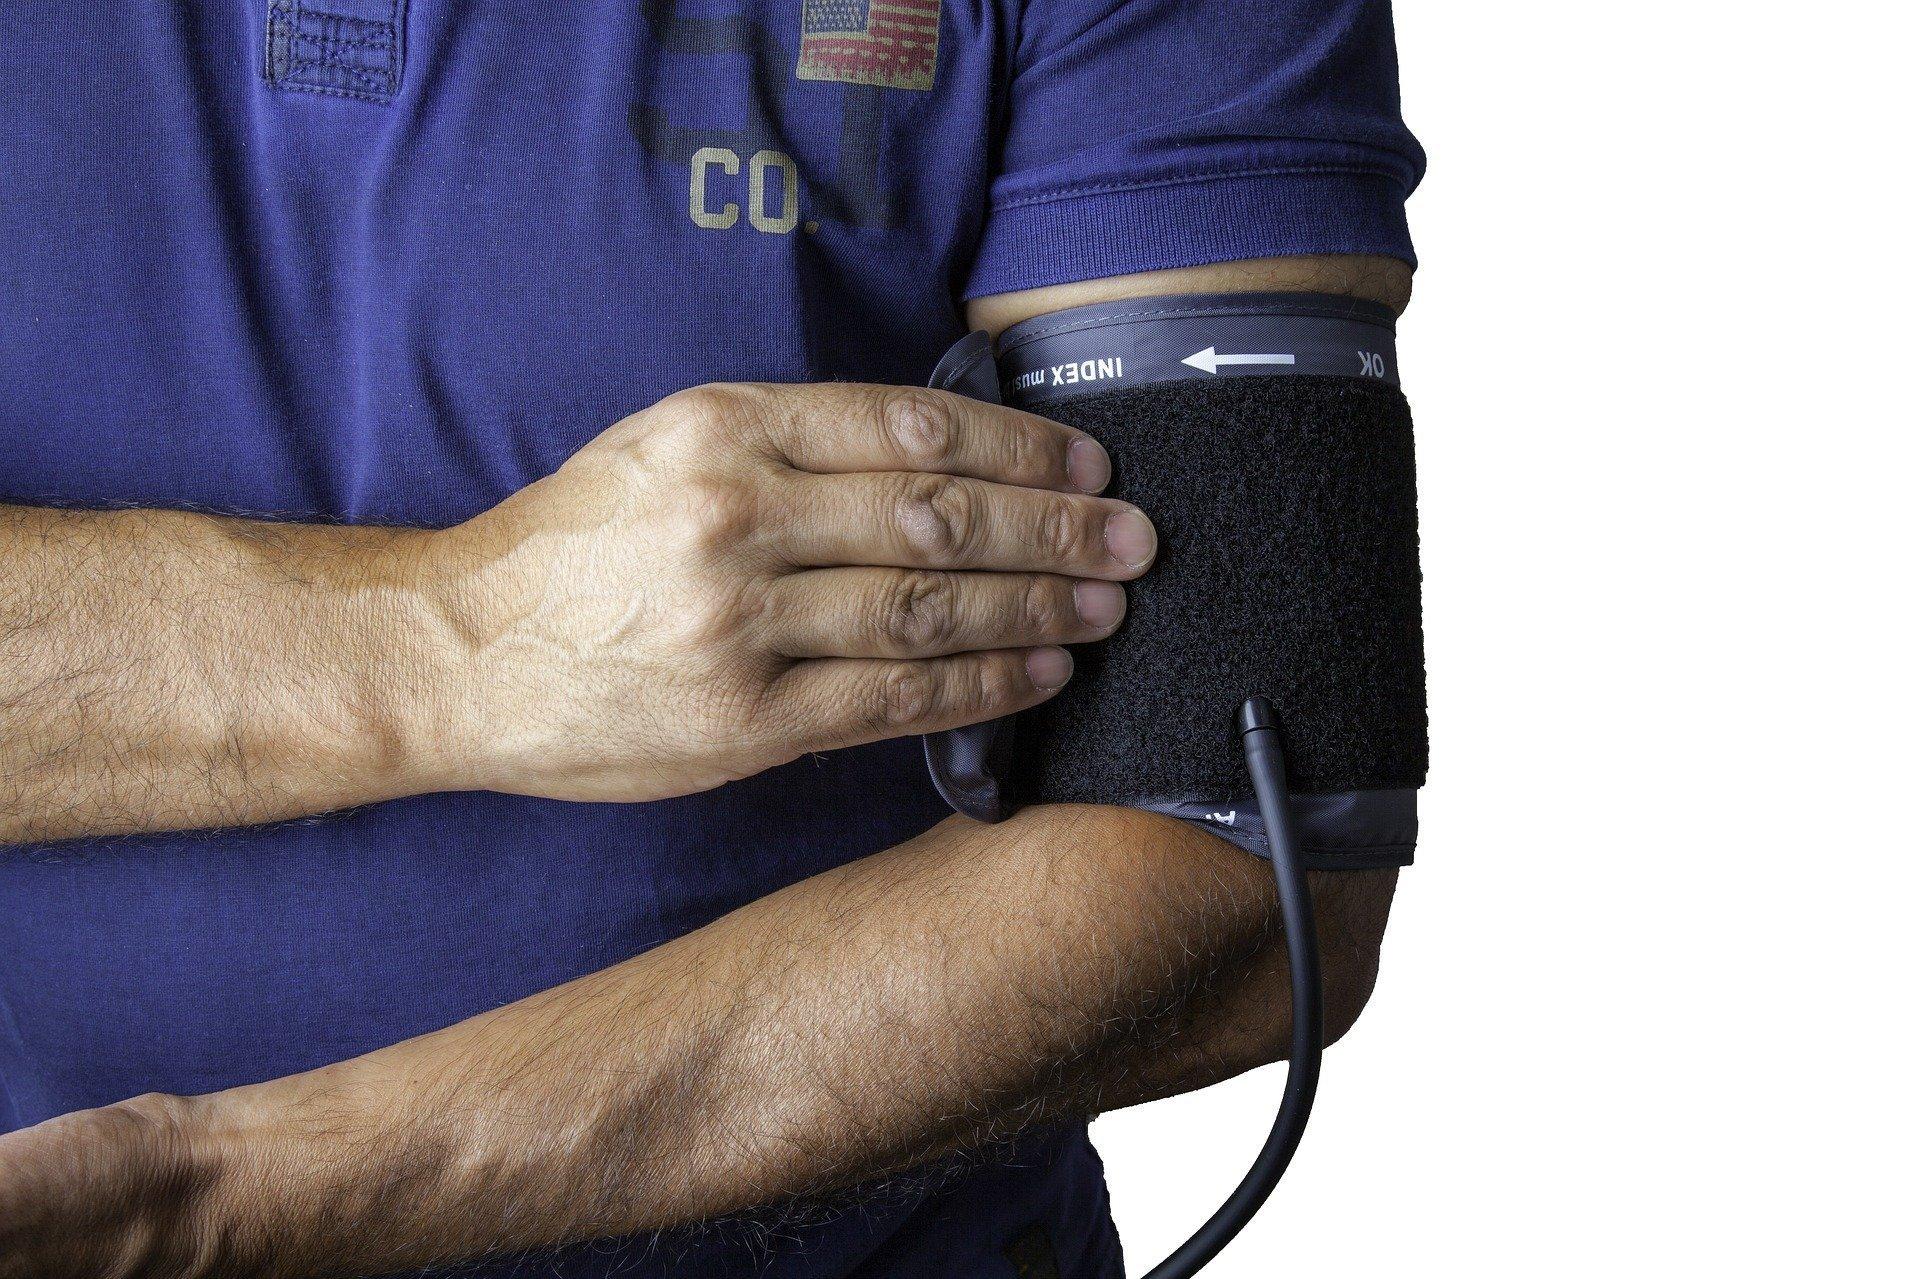 Скачок давления - сигнал о неблагополучии организма, устраняя его вы боретесь со следствием, а не с причиной